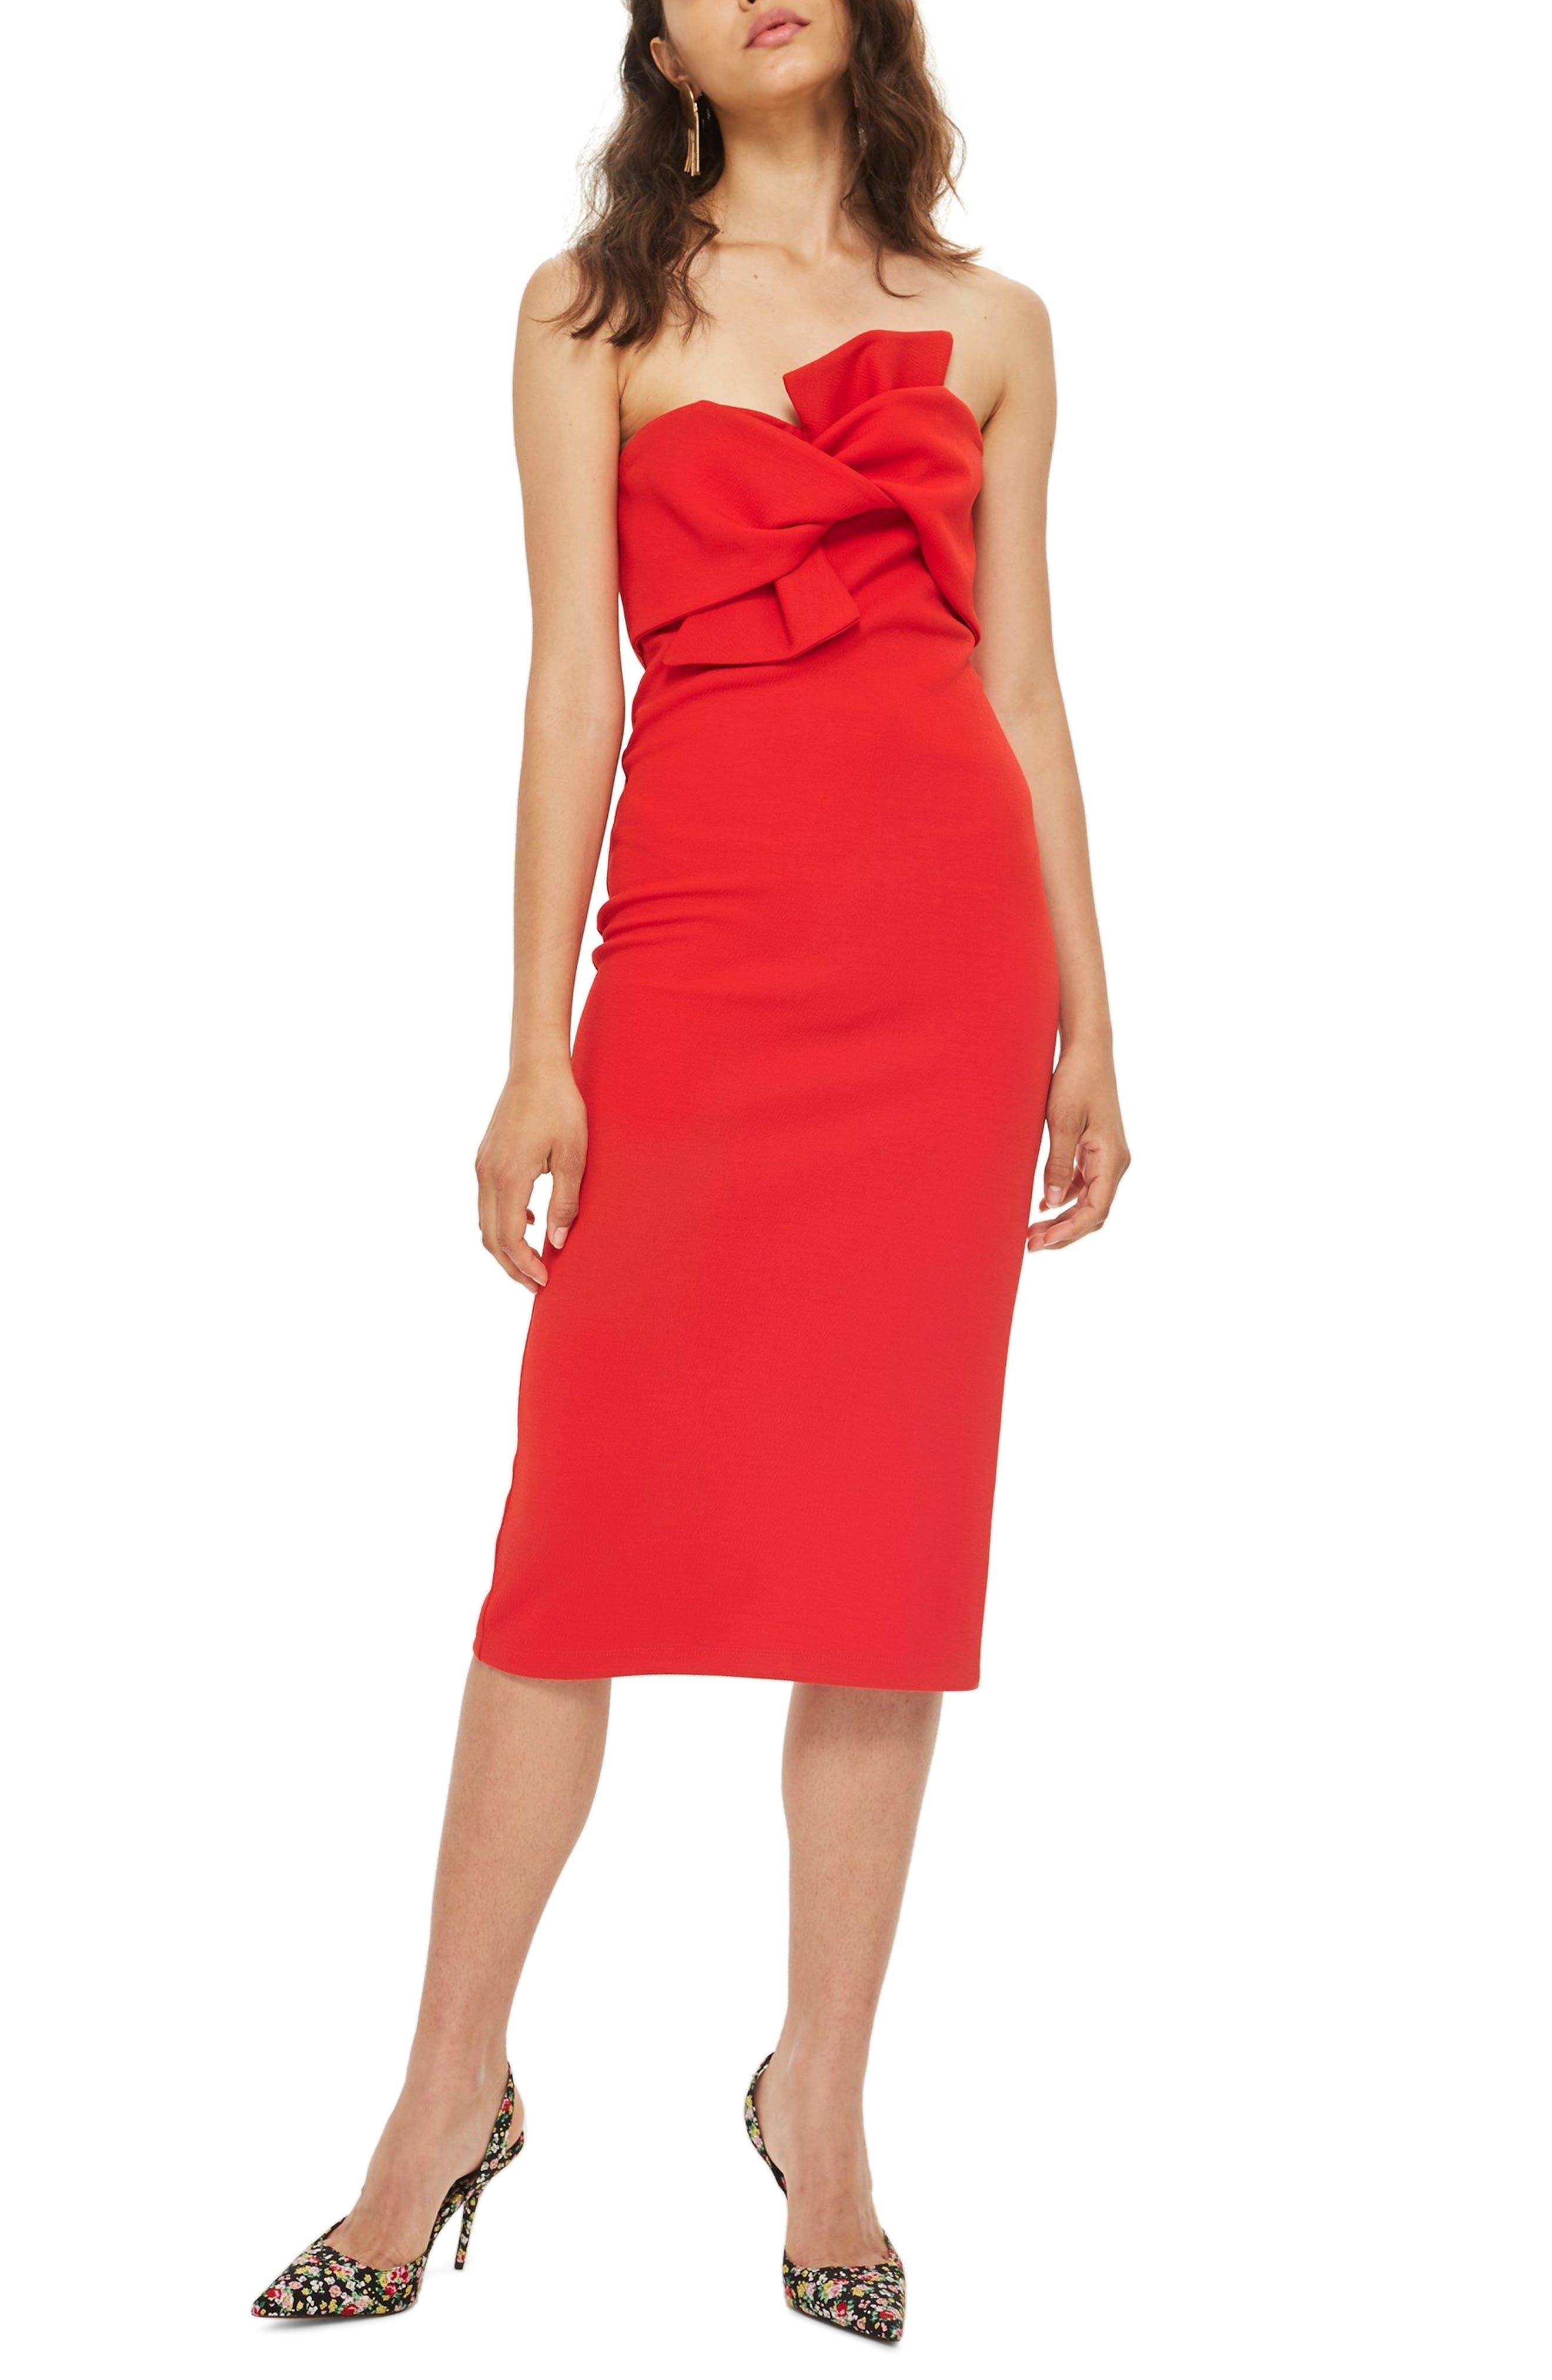 Topshop Bow Twist Textured Midi Dress